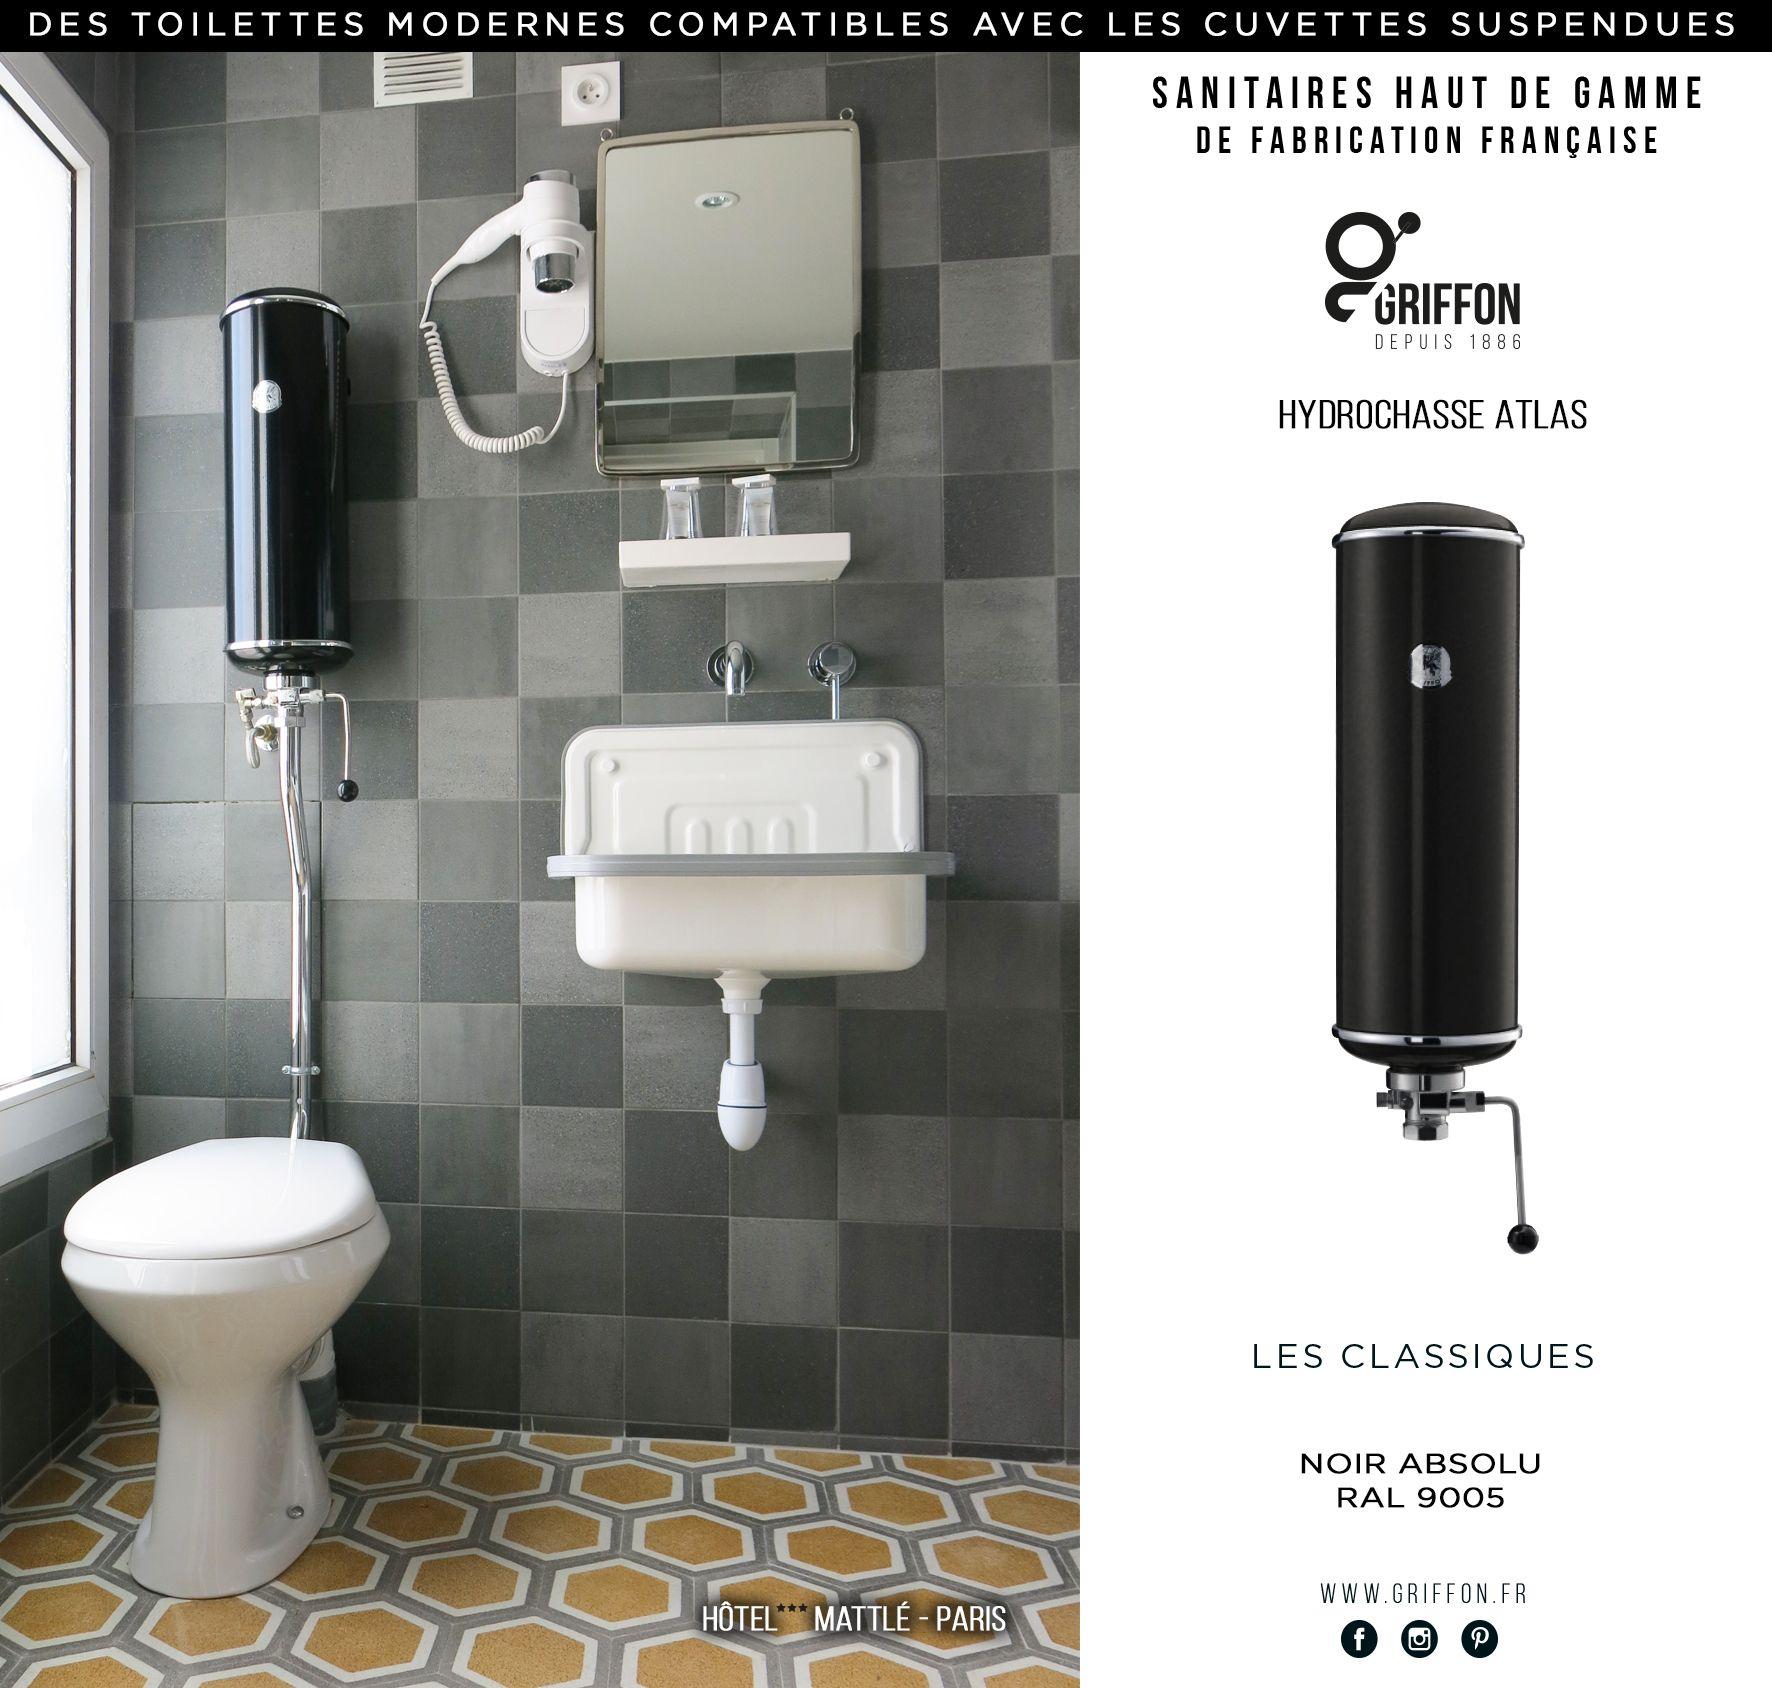 Marque De Toilette Suspendue toilettes haut de gamme - hydrochasse de la gamme classique